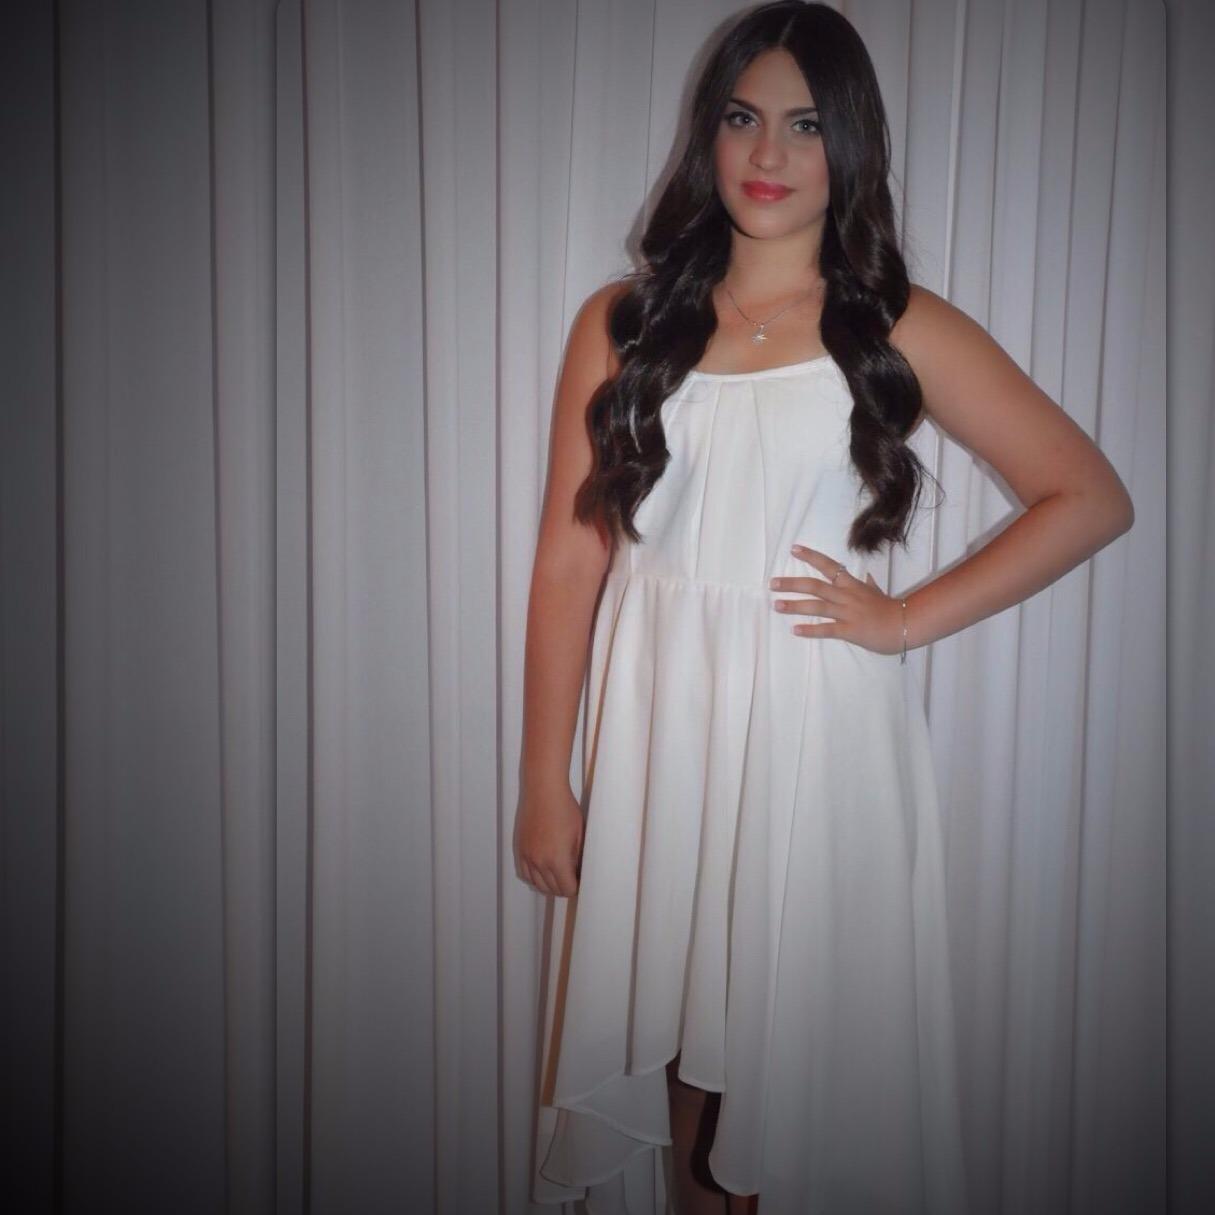 שמלת בת מצווה לבנה עם שובל